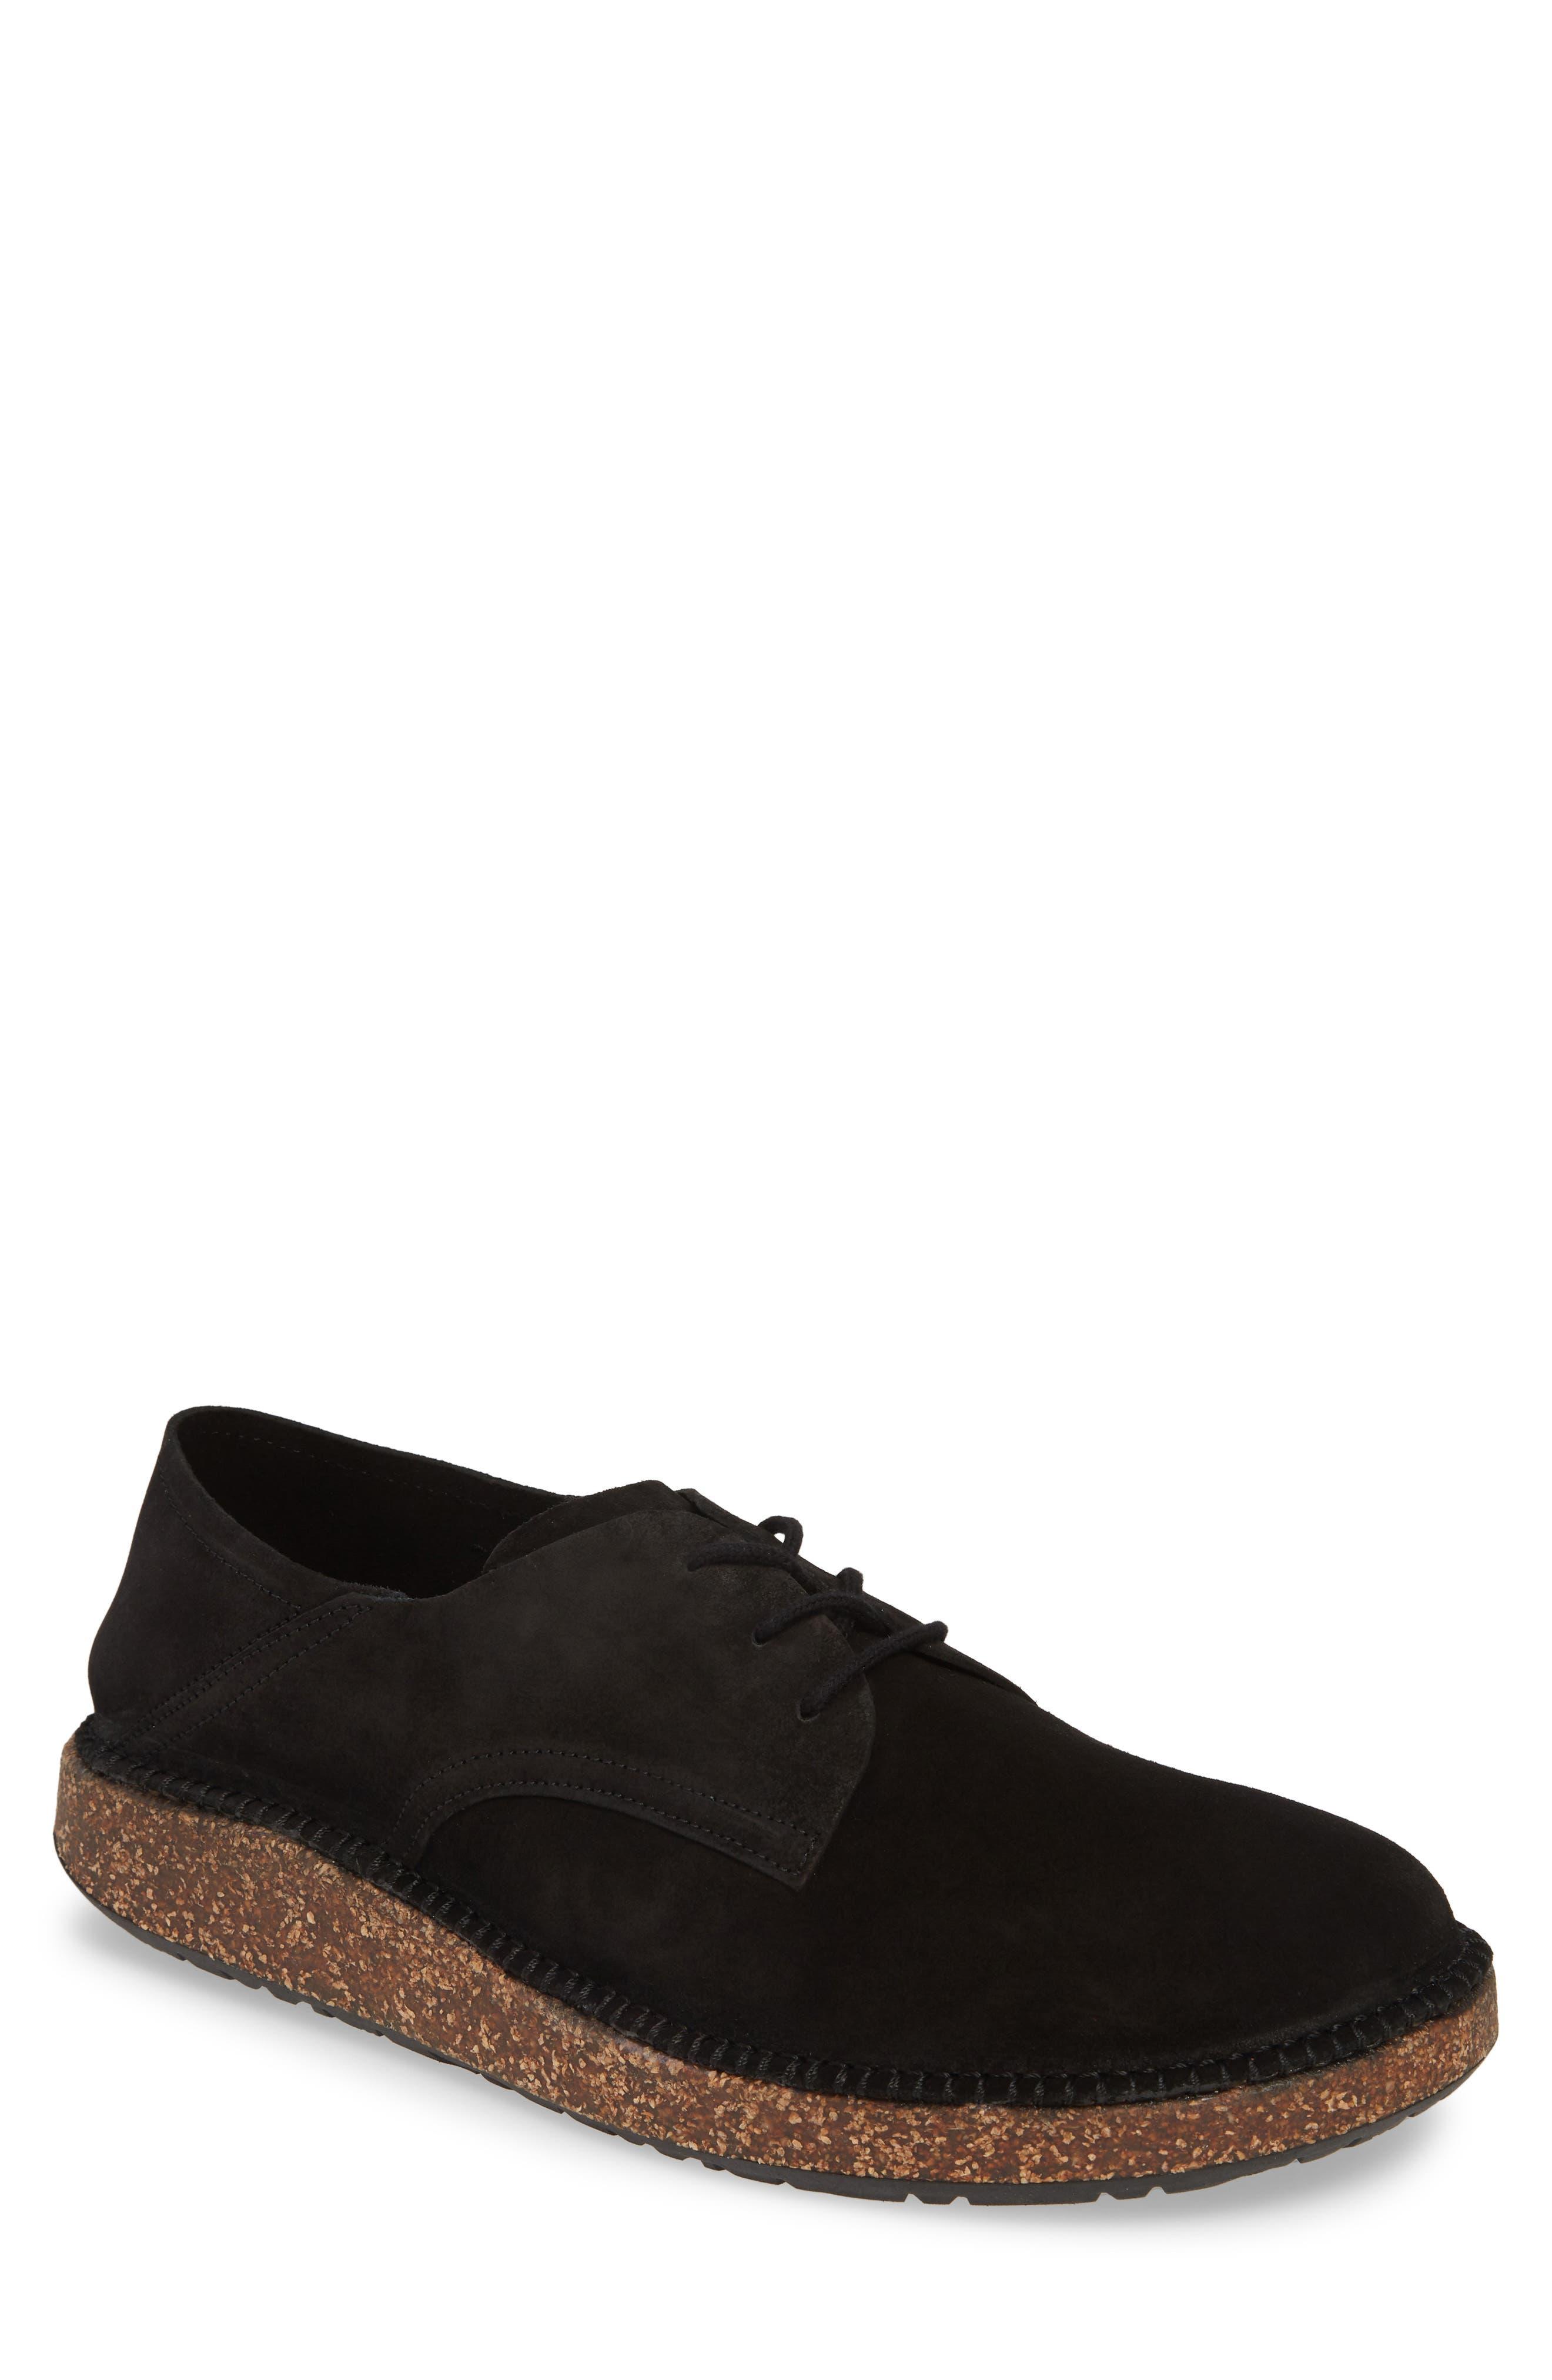 Birkenstock Gary Plain Toe Derby,12.5 - Black